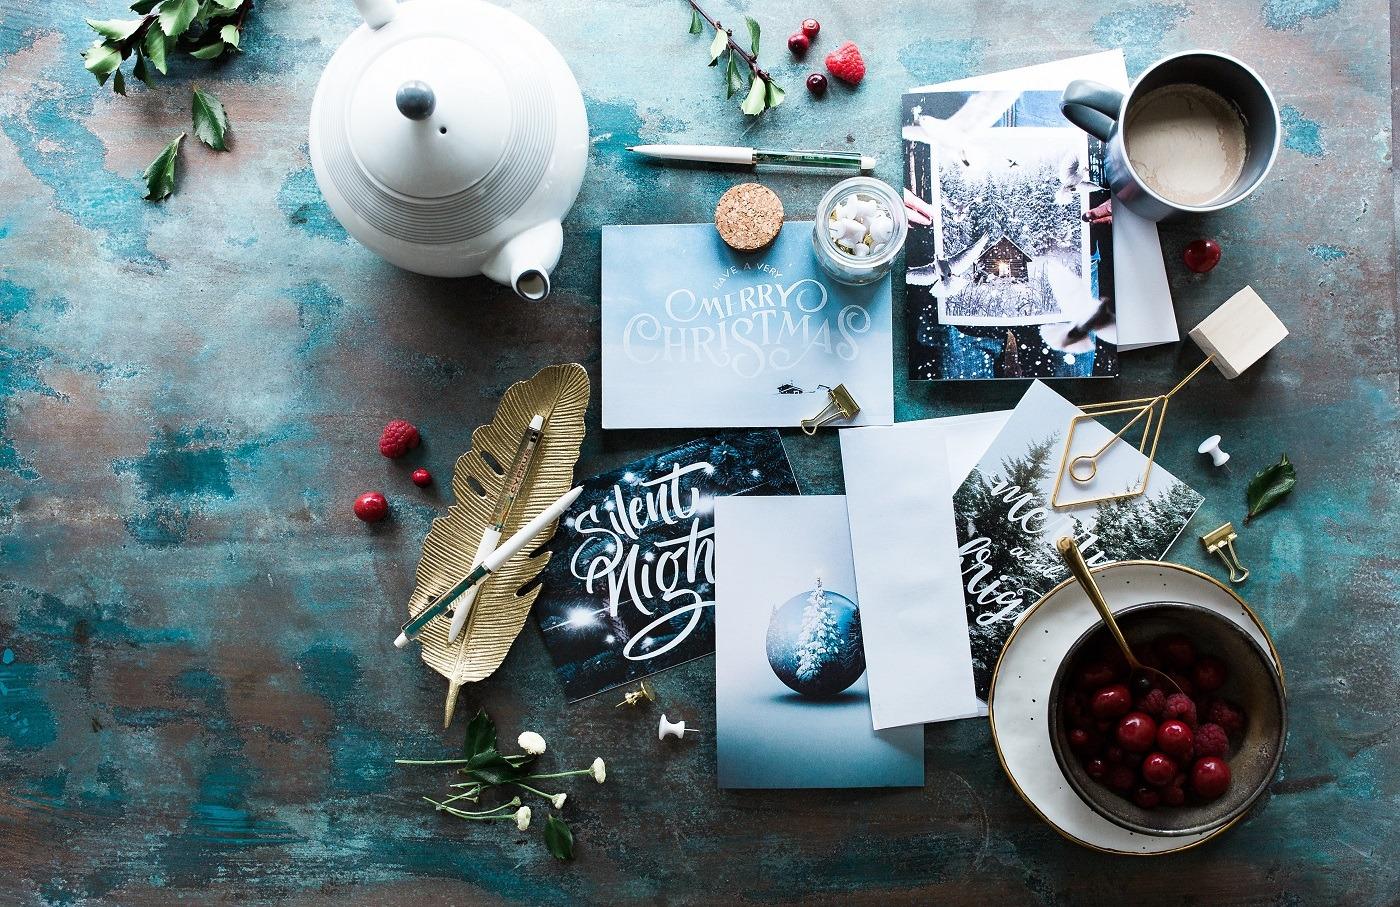 Kartki świąteczne na stole